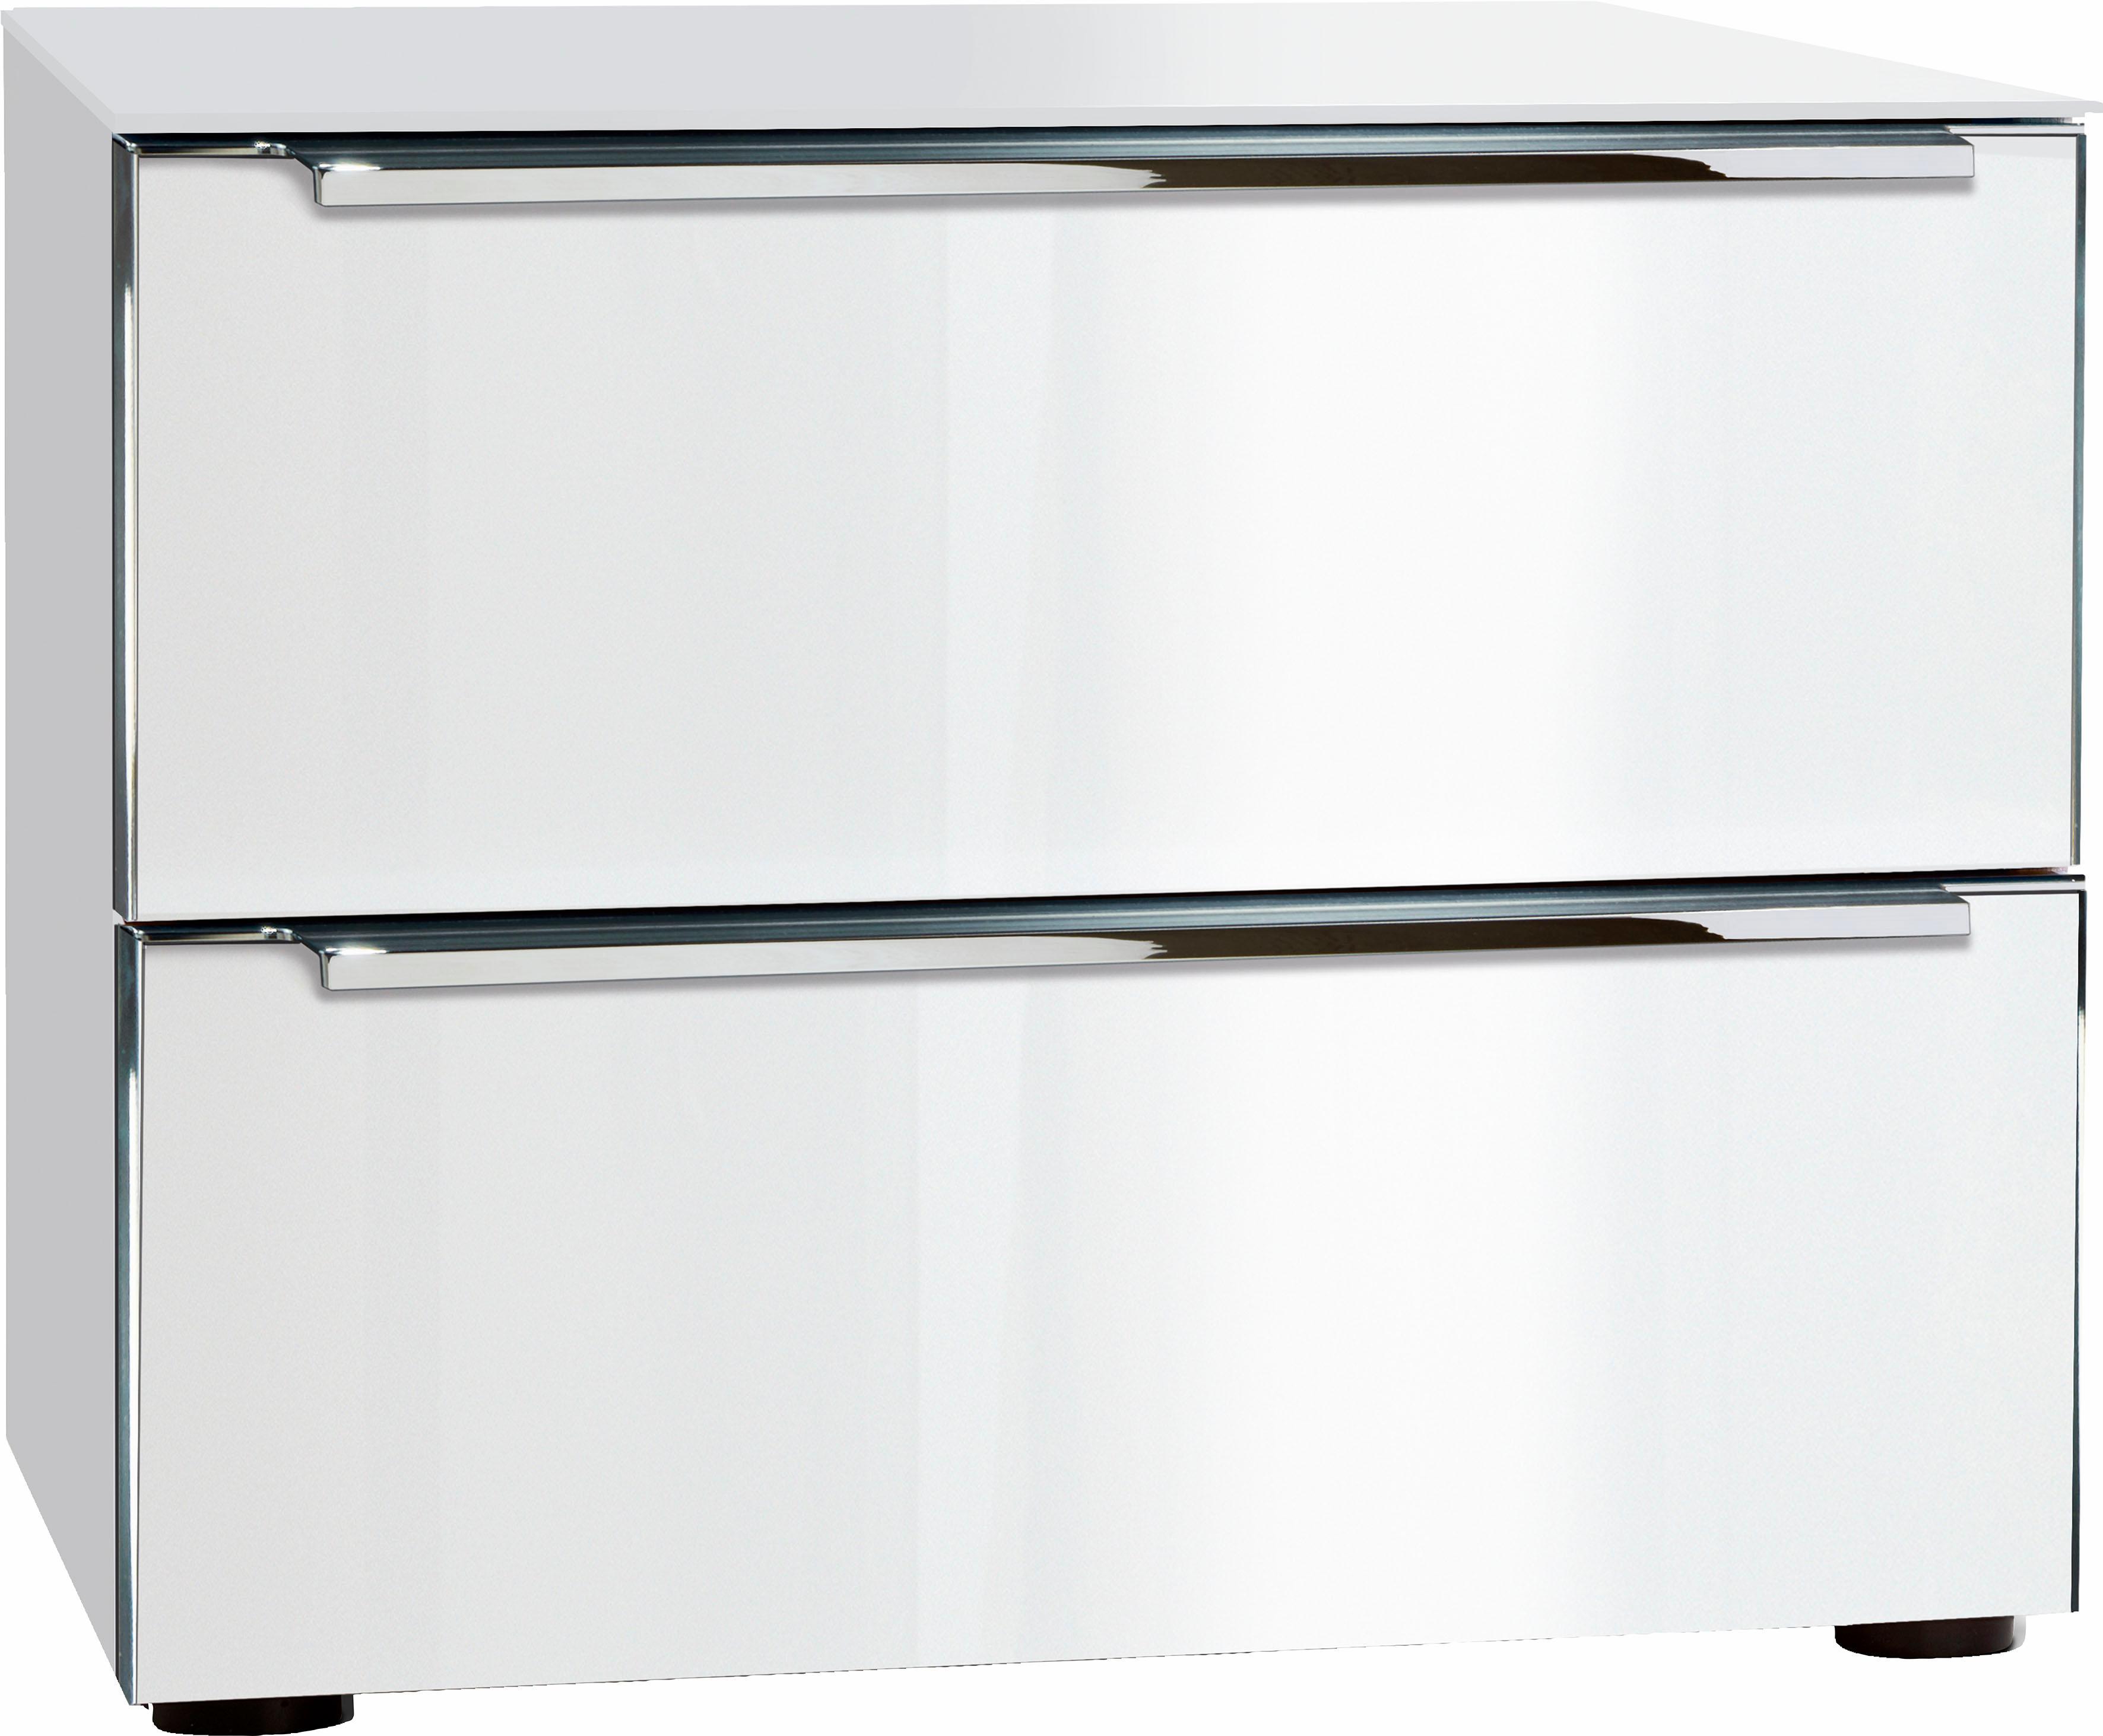 nolte® Möbel Nachttisch»Alegro Style«, Breite 50 cm | Schlafzimmer > Nachttische | Weiß | Nussbaum - Glas | NOLTE® MÖBEL